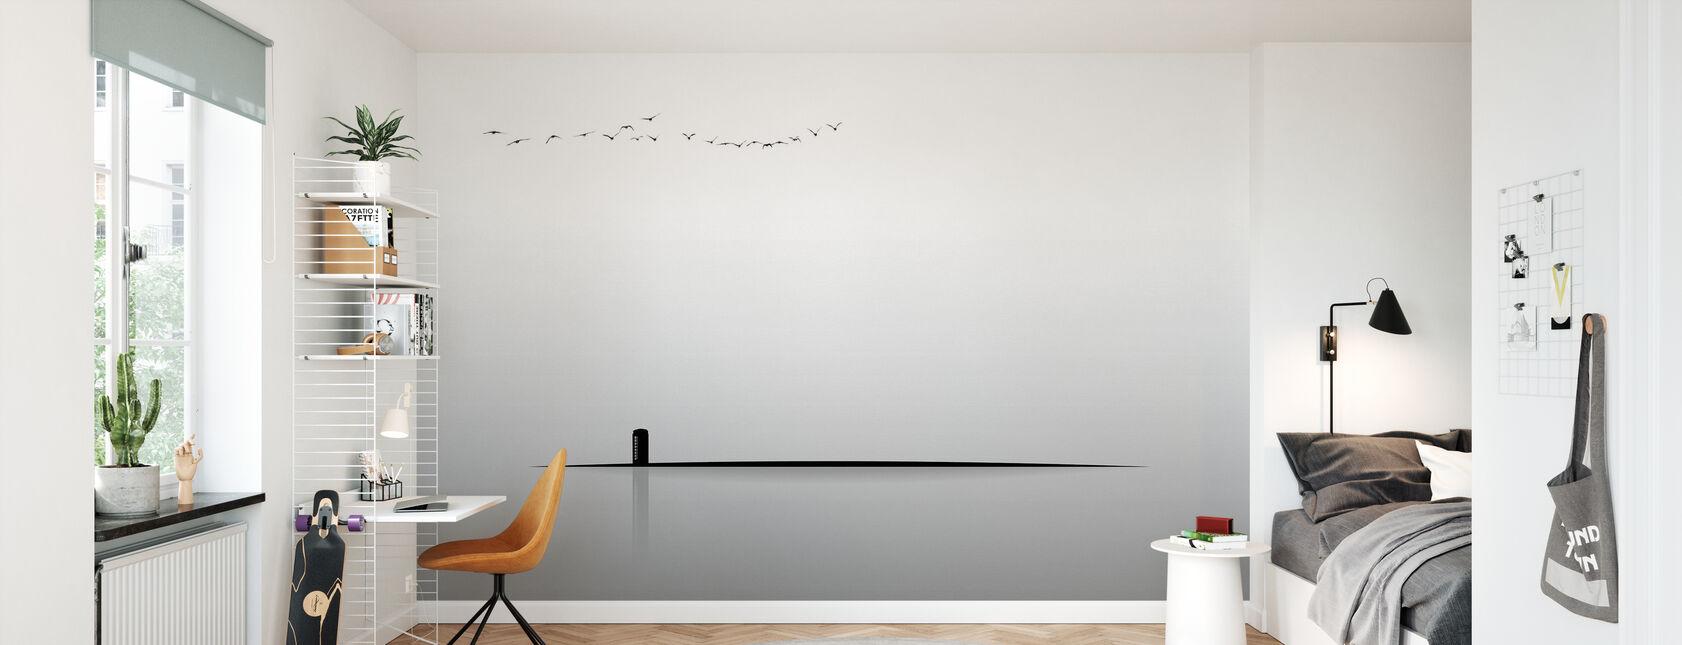 Téléphone payant - Papier peint - Chambre des enfants